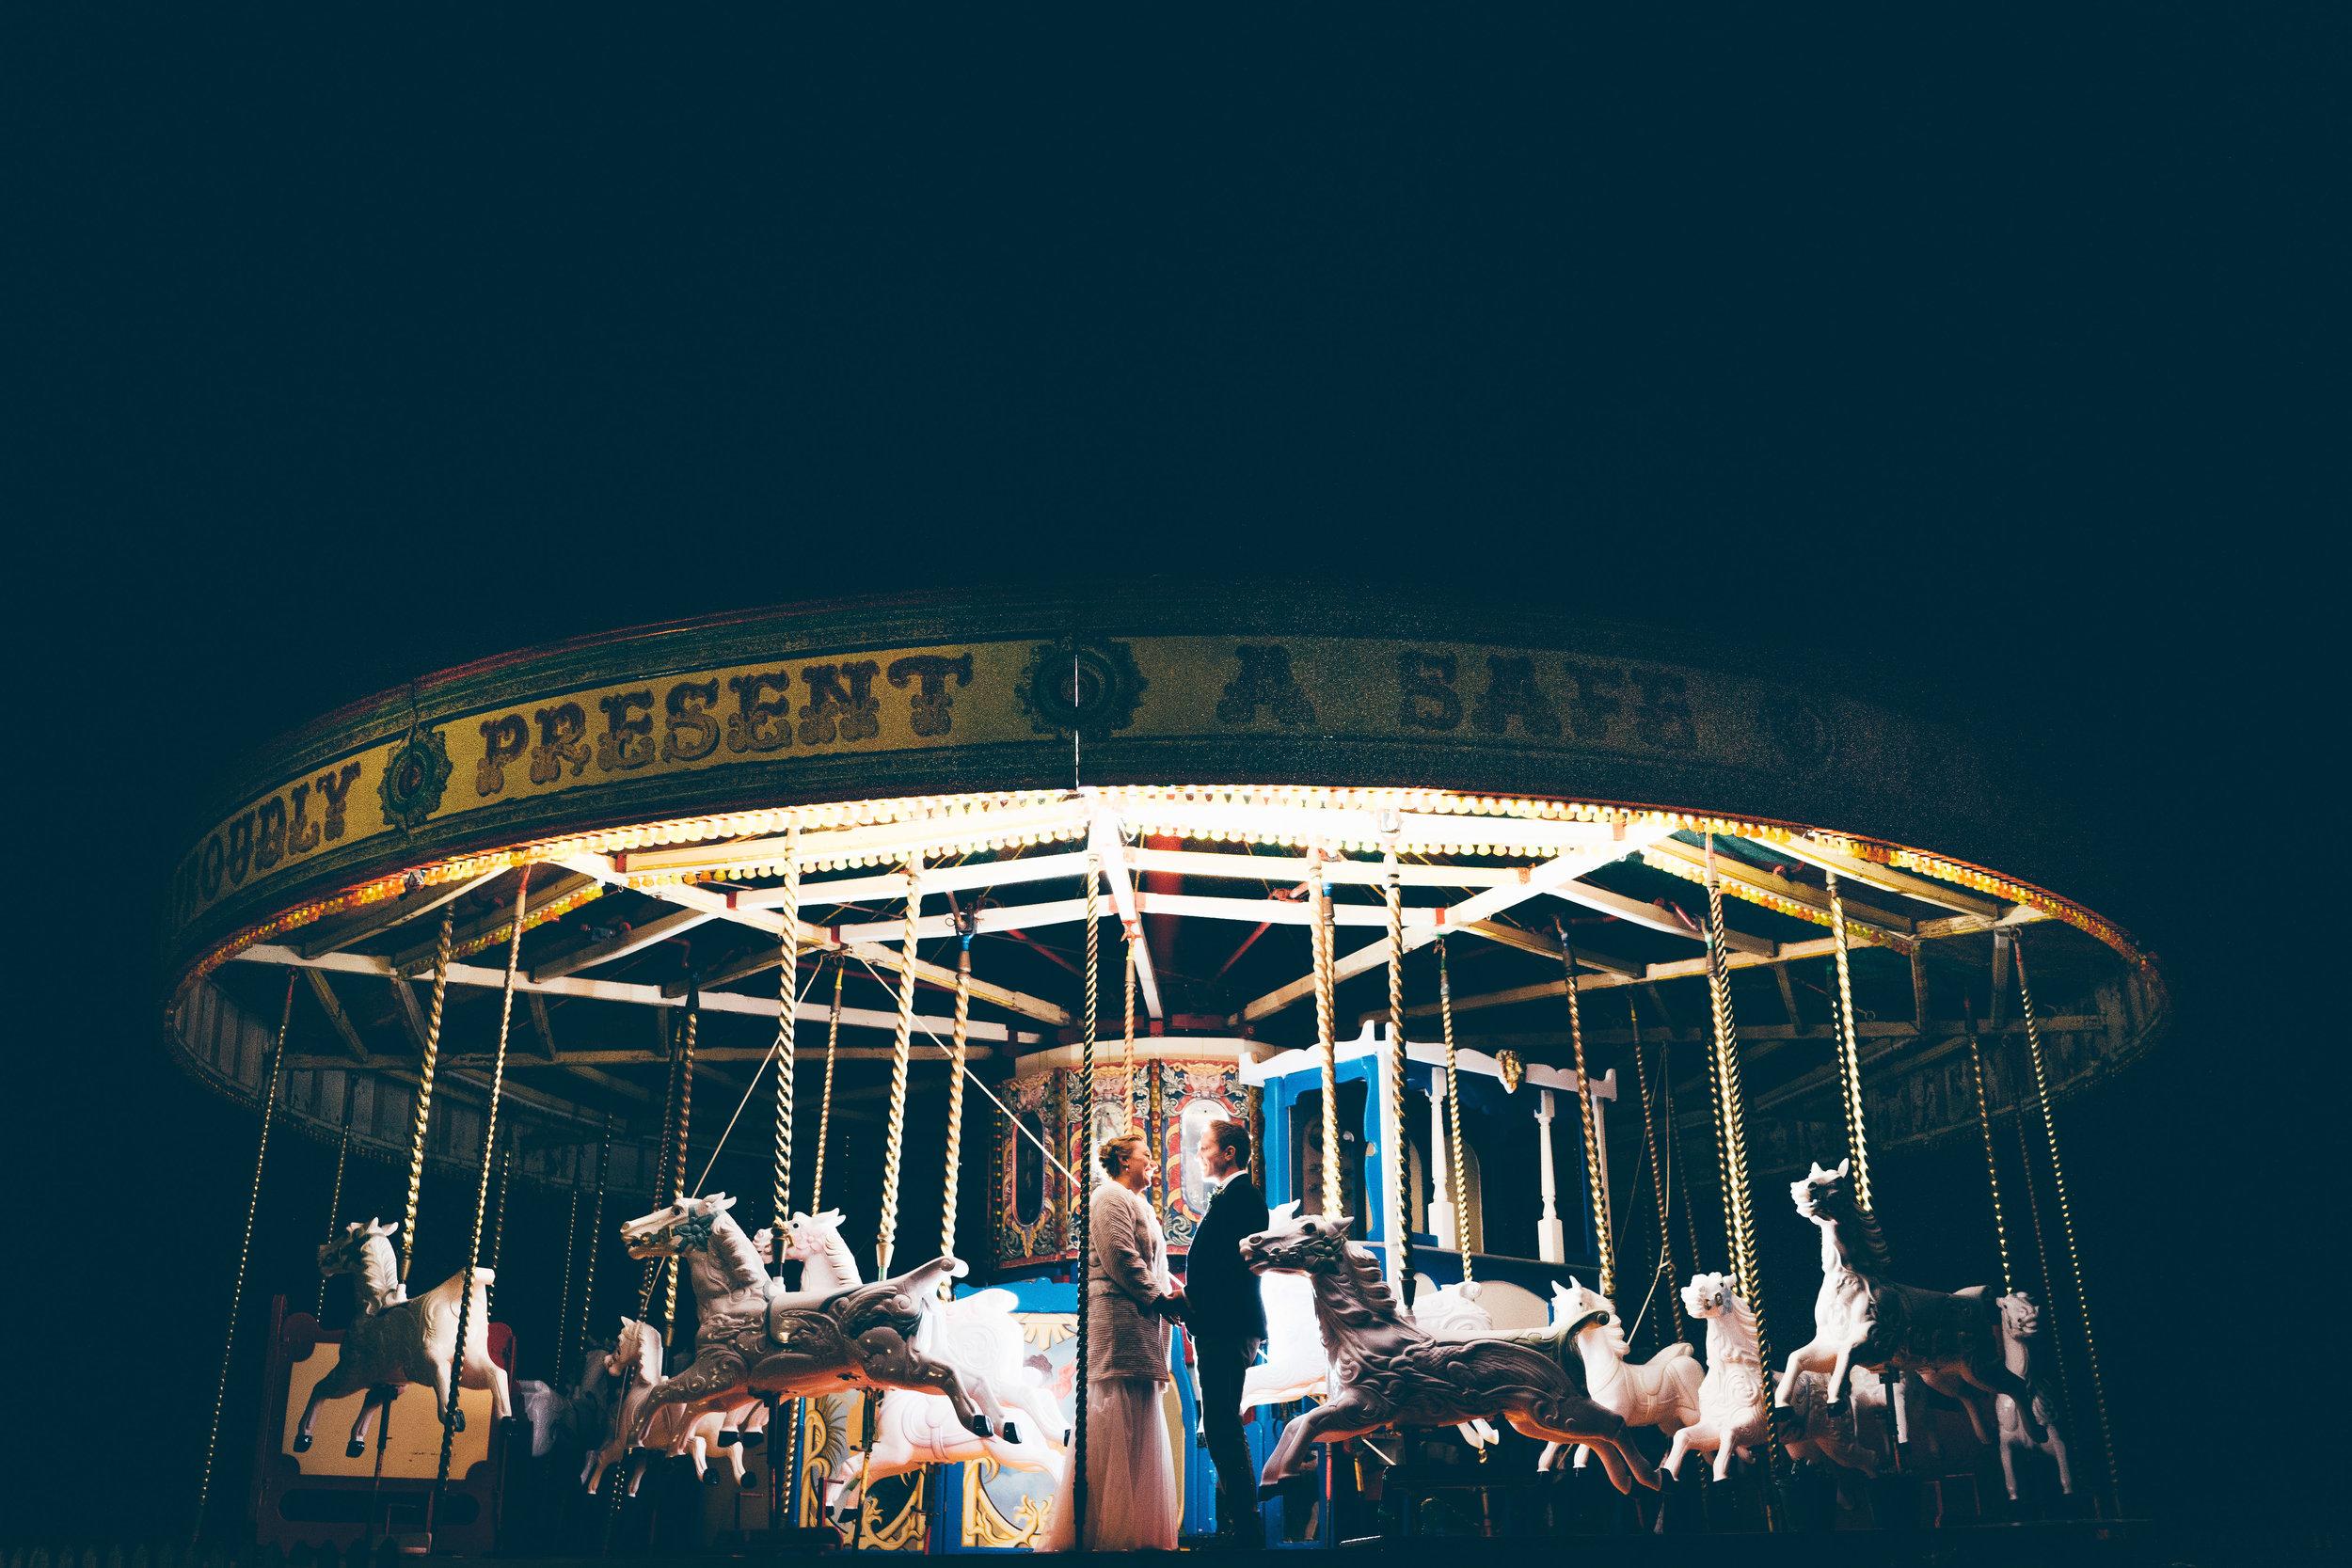 Late night carousel photo